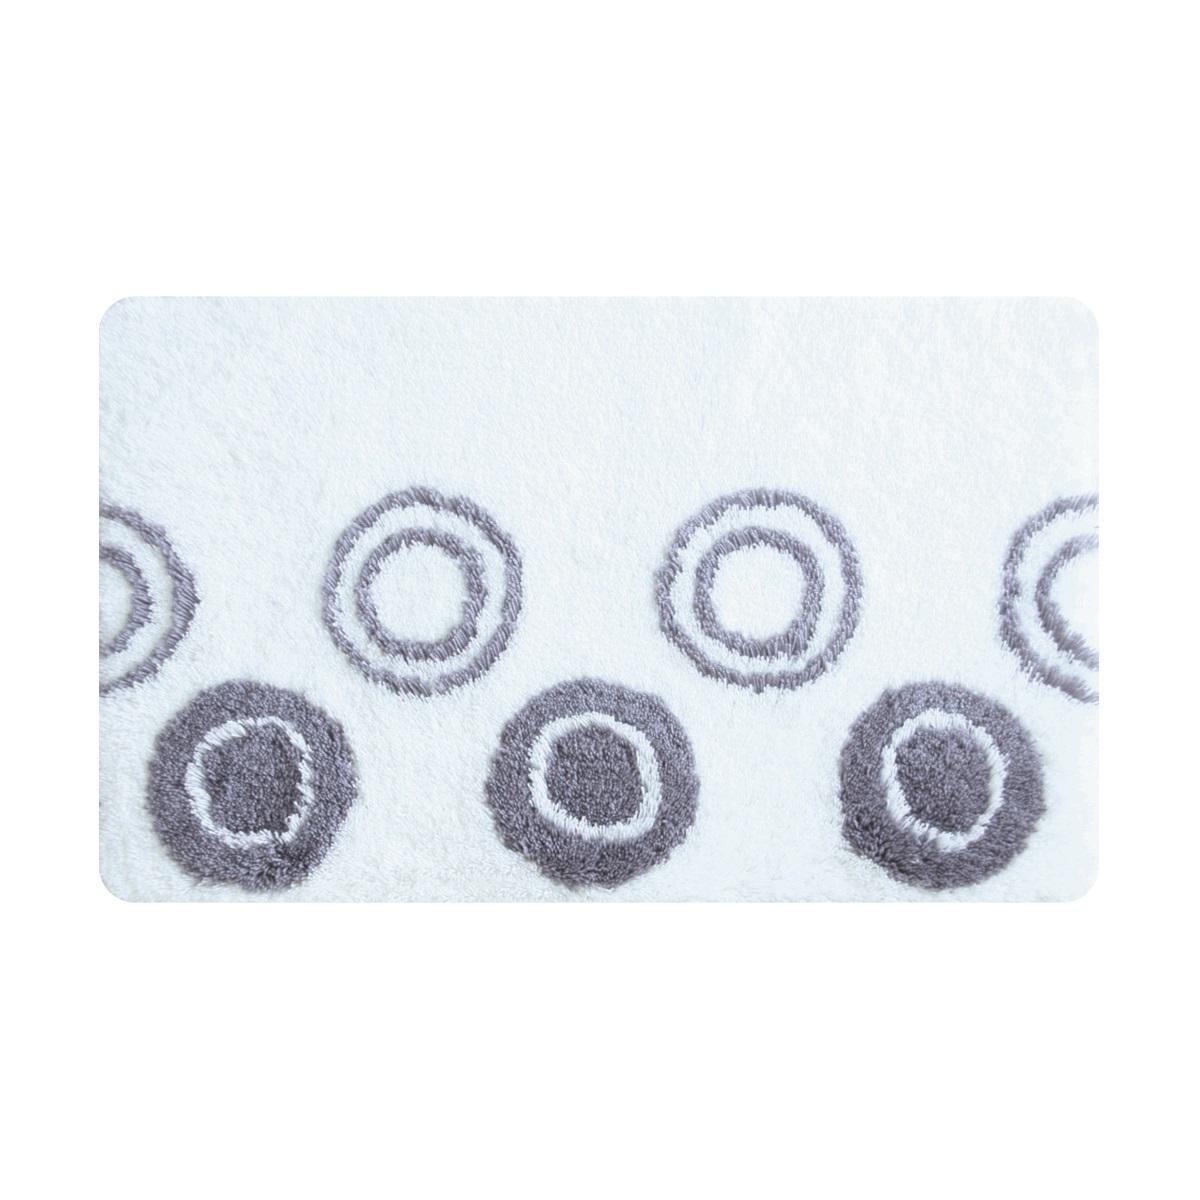 Коврик для ванной Iddis Chequers White, цвет: серо-белый, 50 х 80 см432A580I12Коврик для ванной комнаты Iddis выполнен из акрила. Коврик имеет специальную латексную основу, благодаря которой он не скользит на напольных покрытия в ванной, что обеспечивает безопасность во время использования. Коврик изготавливается по специальным технологиям машинного ручного тафтинга, что гарантирует высокое качество и долговечность.Высота ворса: 2,5 см.